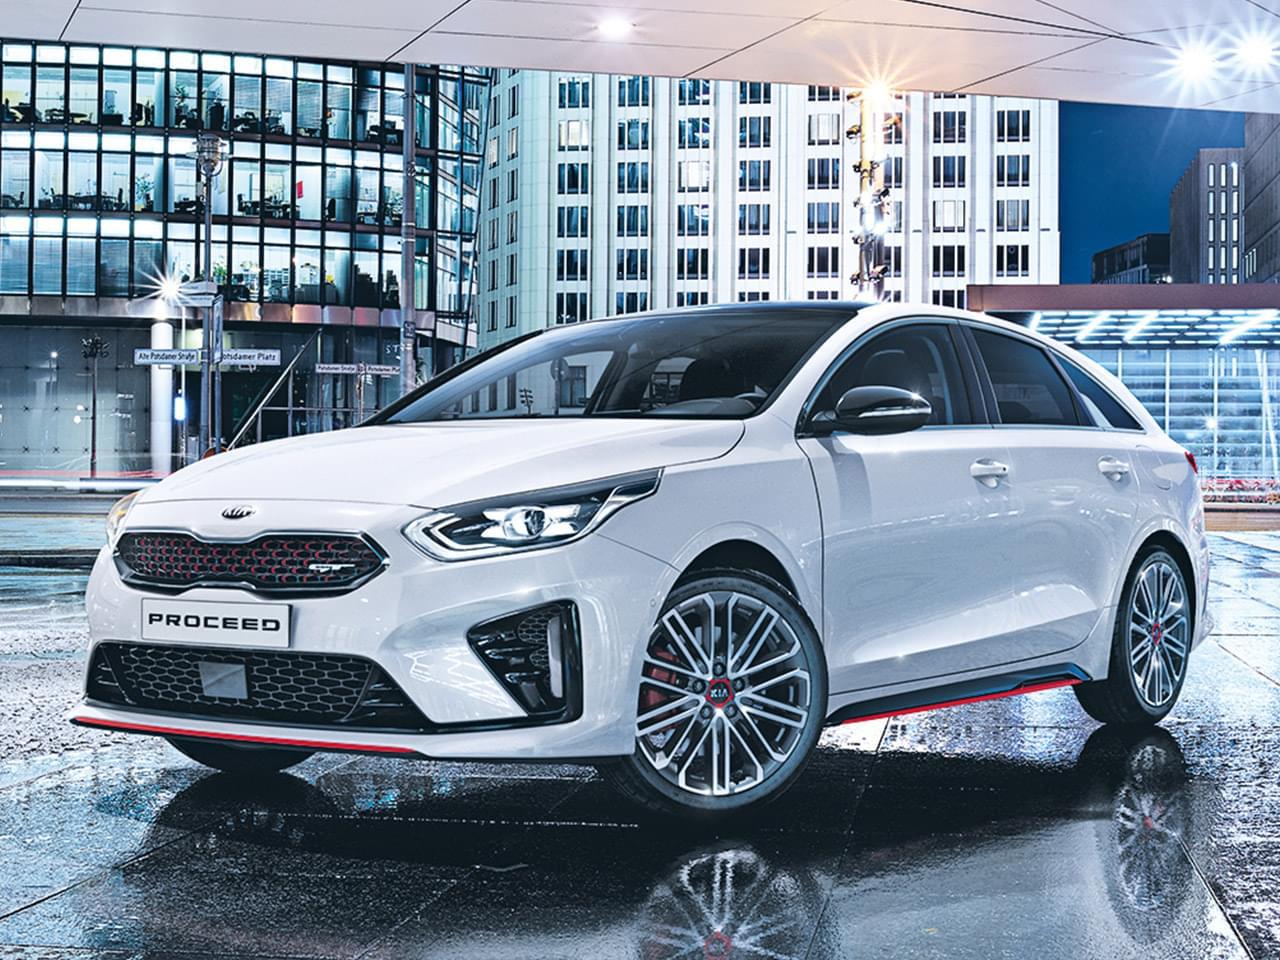 Kia Proceed GT 1.6 T-GDI - Automatik